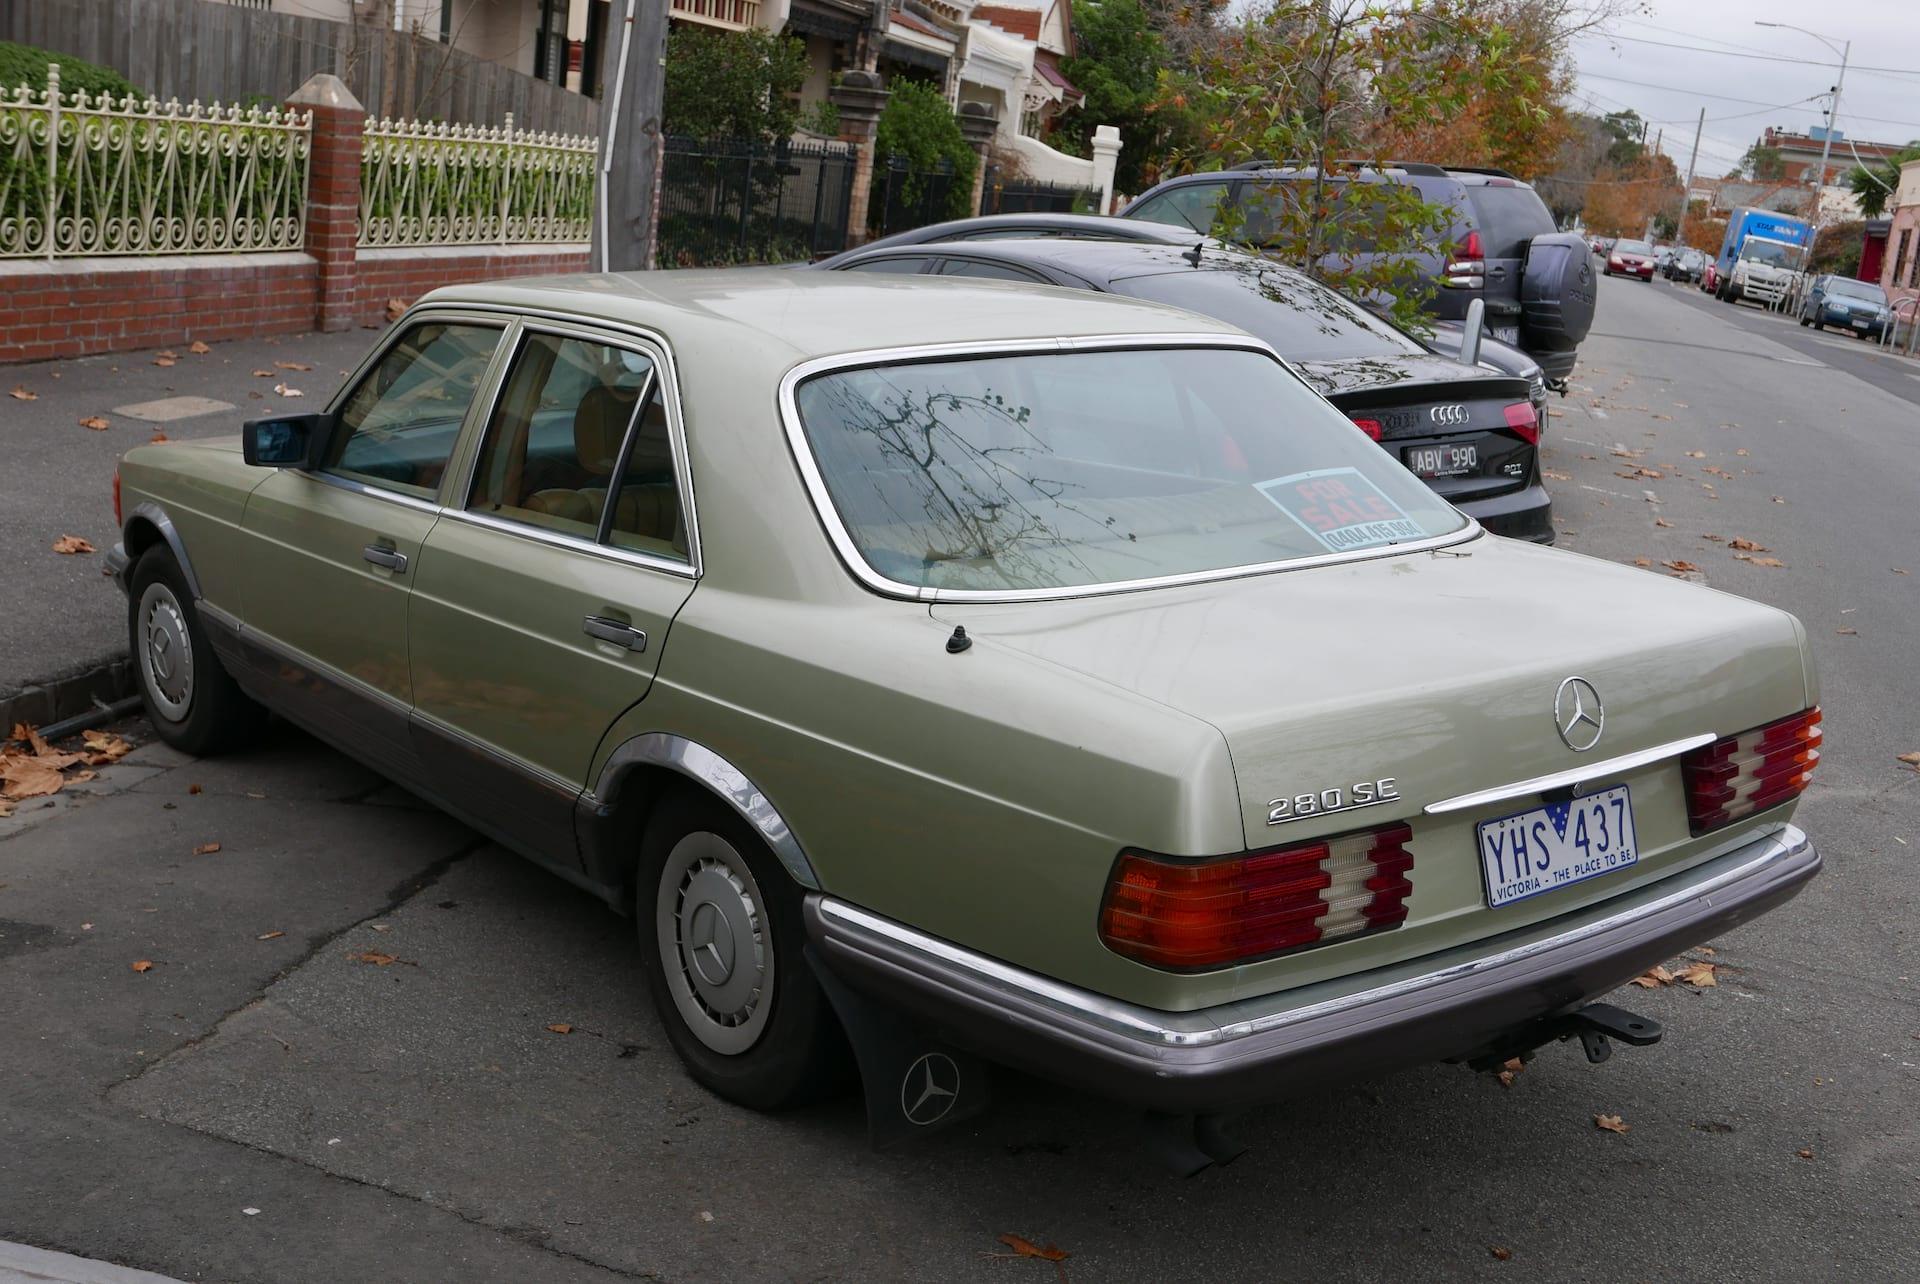 Welcher ist ihr antenne bayern neujahrswagen antenne bayern for Mercedes benz miami